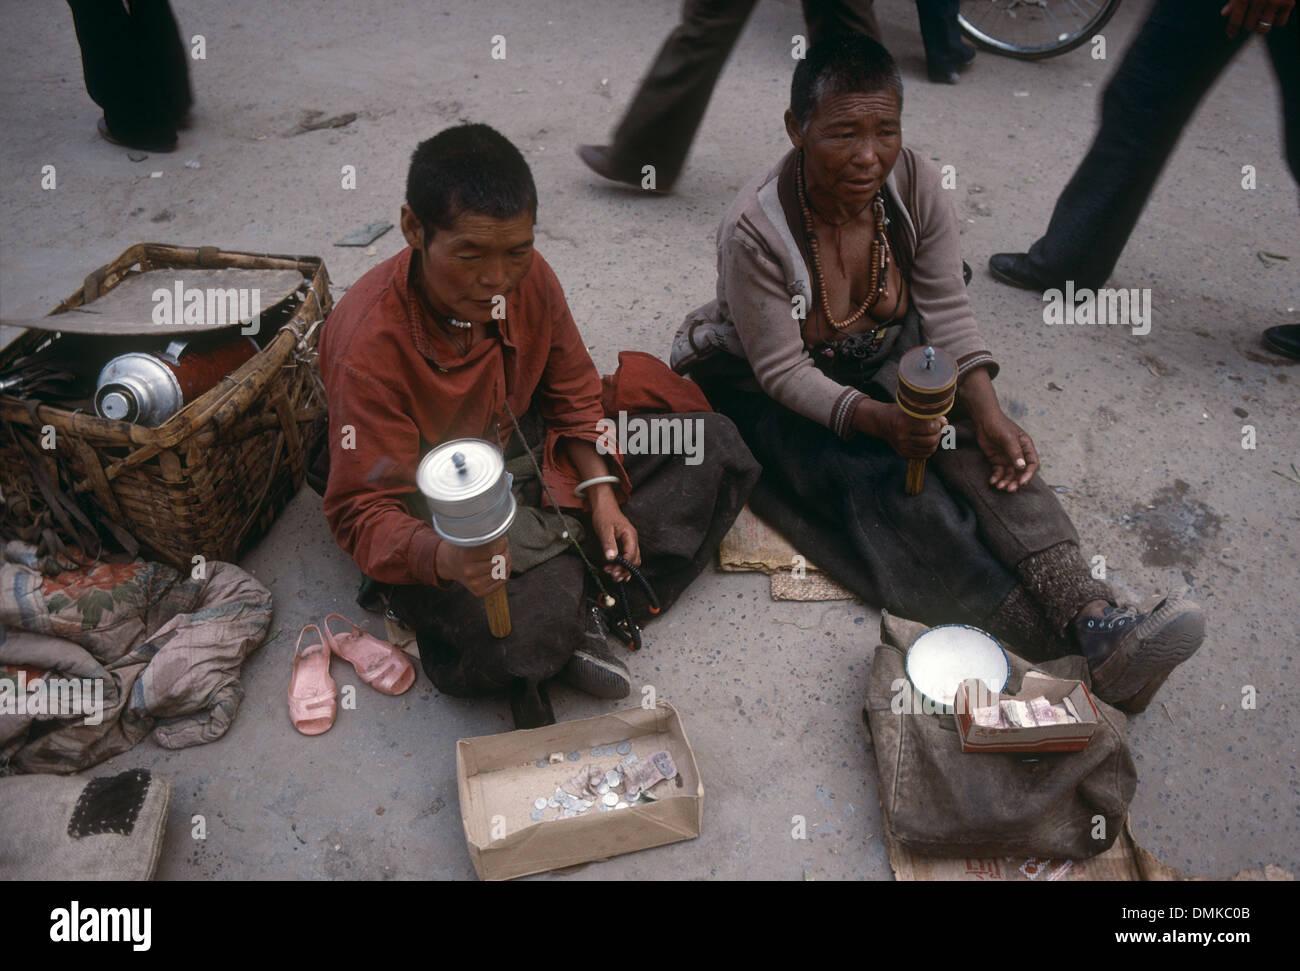 Two Poor Tibetan Boys Begging In A Street Of Lhasa Tibet China  # Bois En Chaene